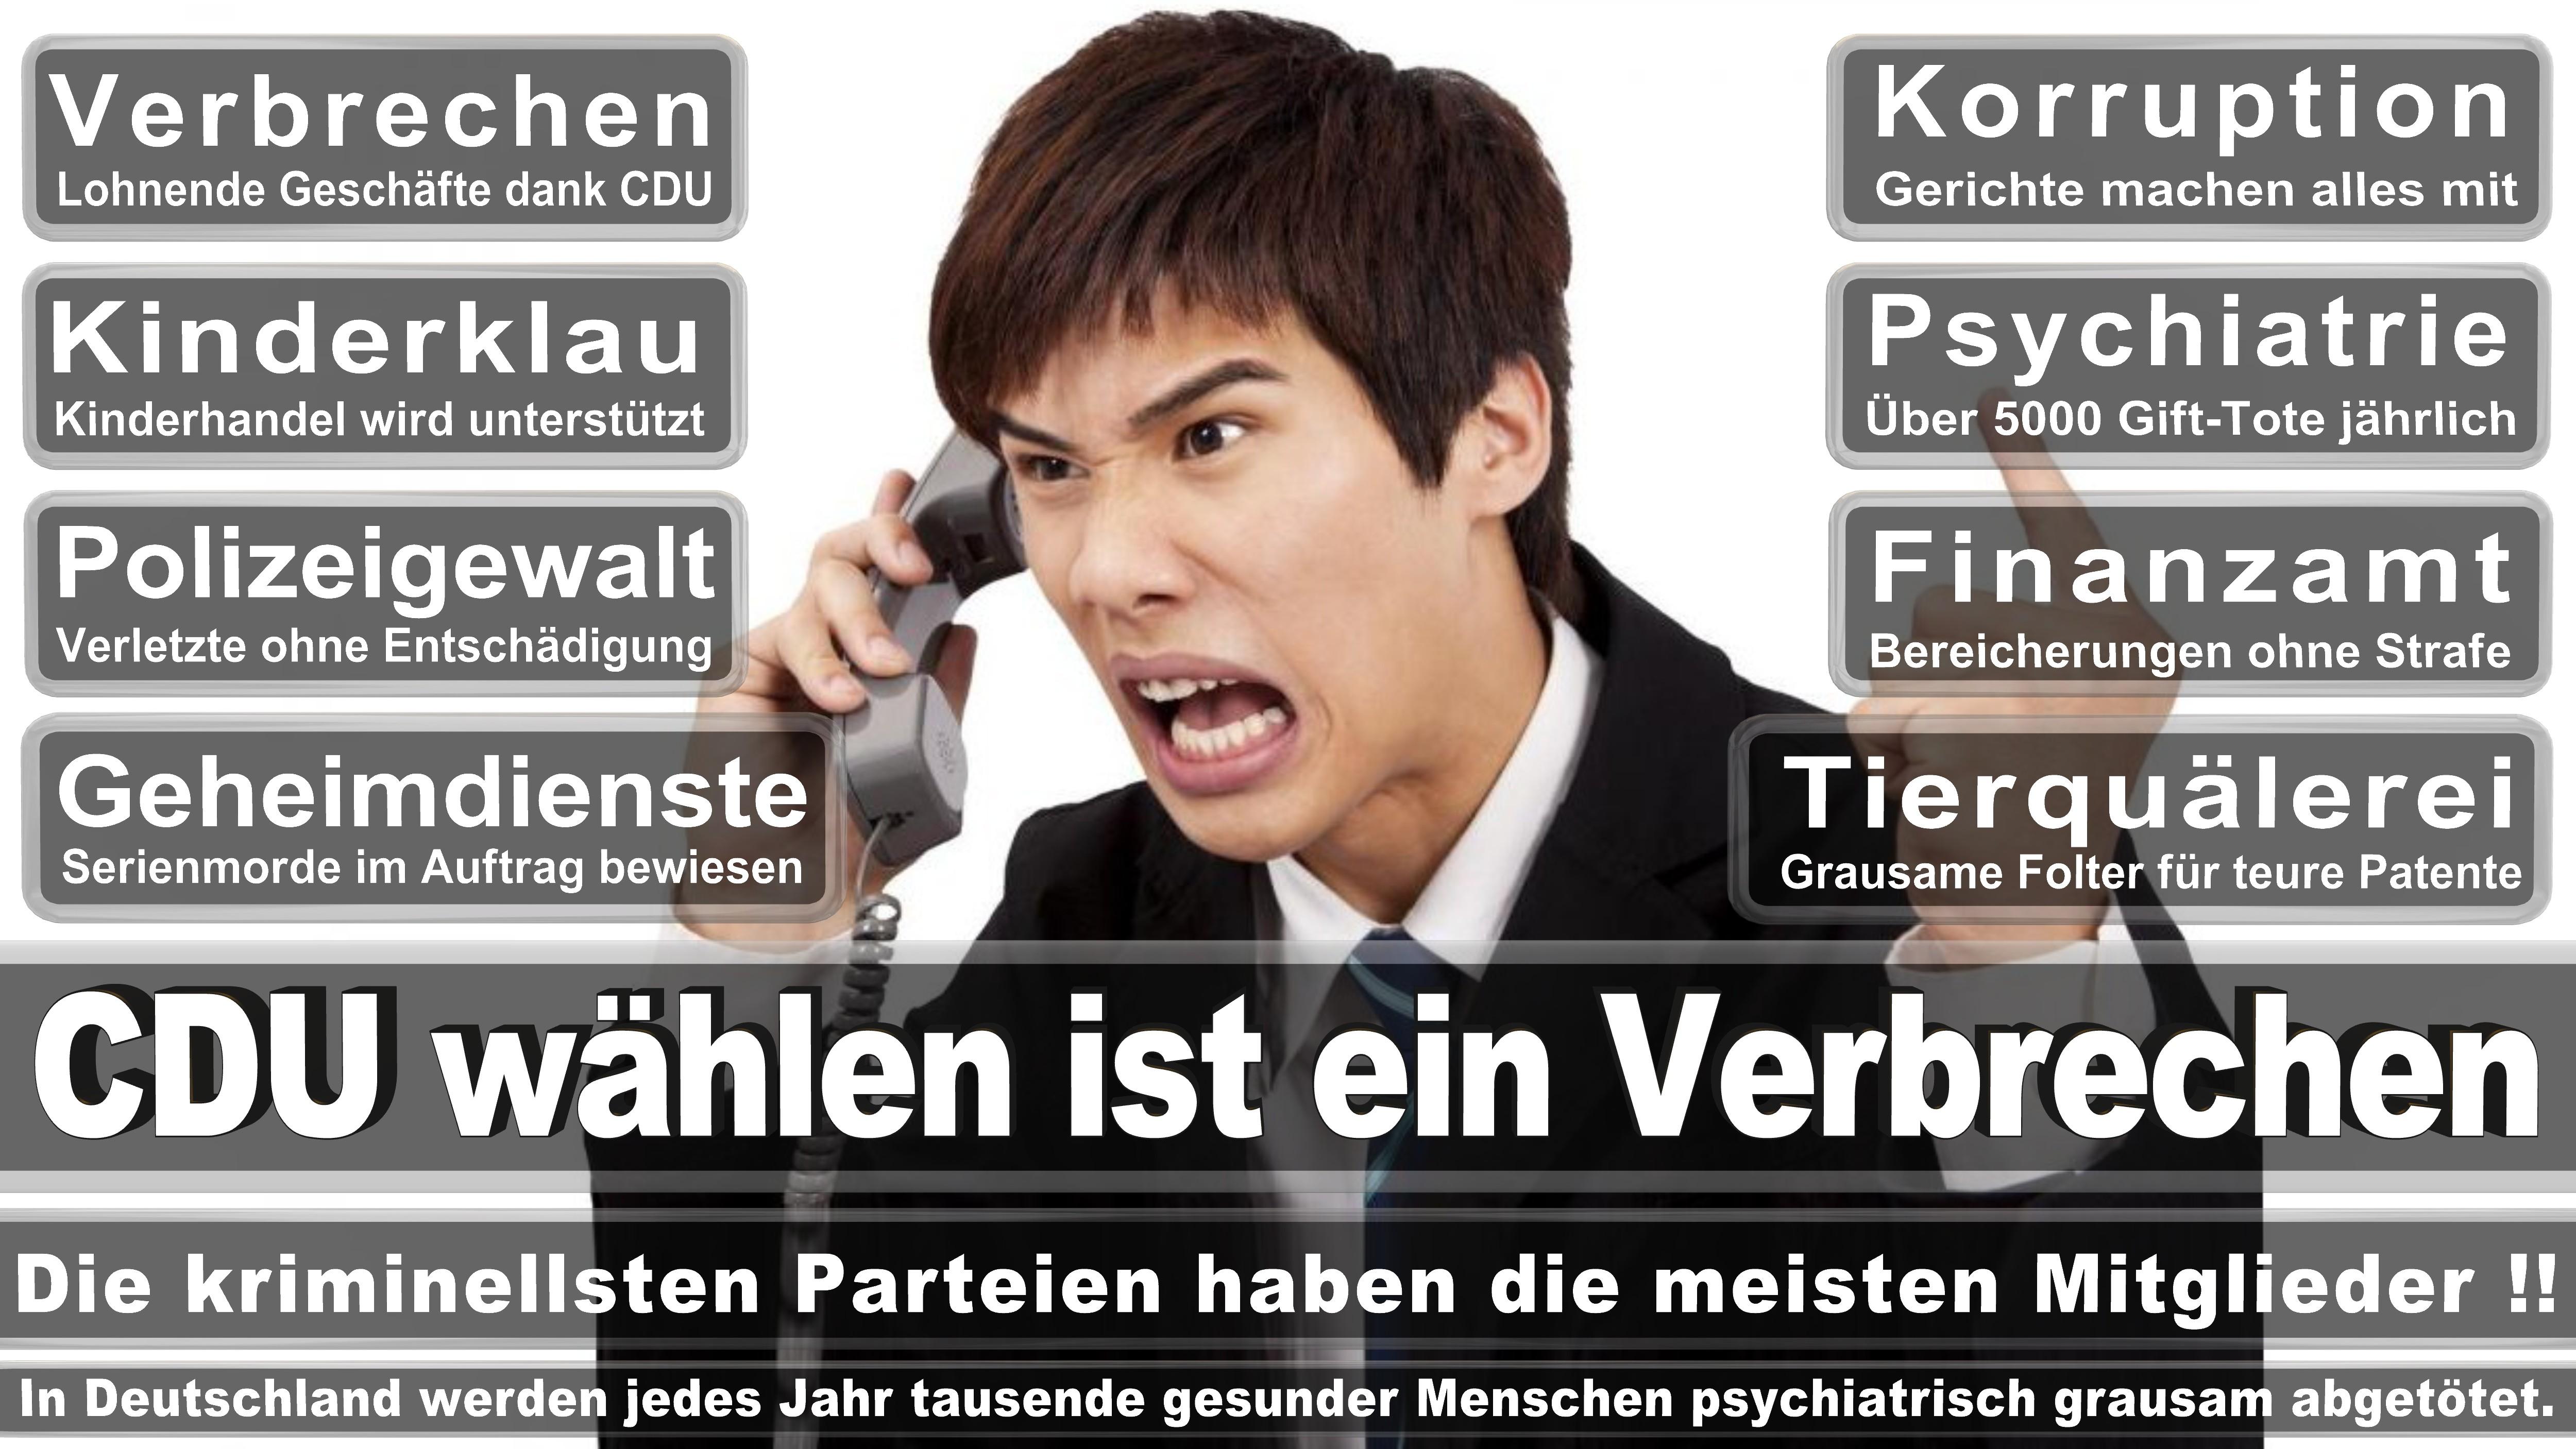 CDU, BIELEFELD, RATSMITGLIEDER, VORSTAND, ORTSVERBAND, MITGLIEDER (73)